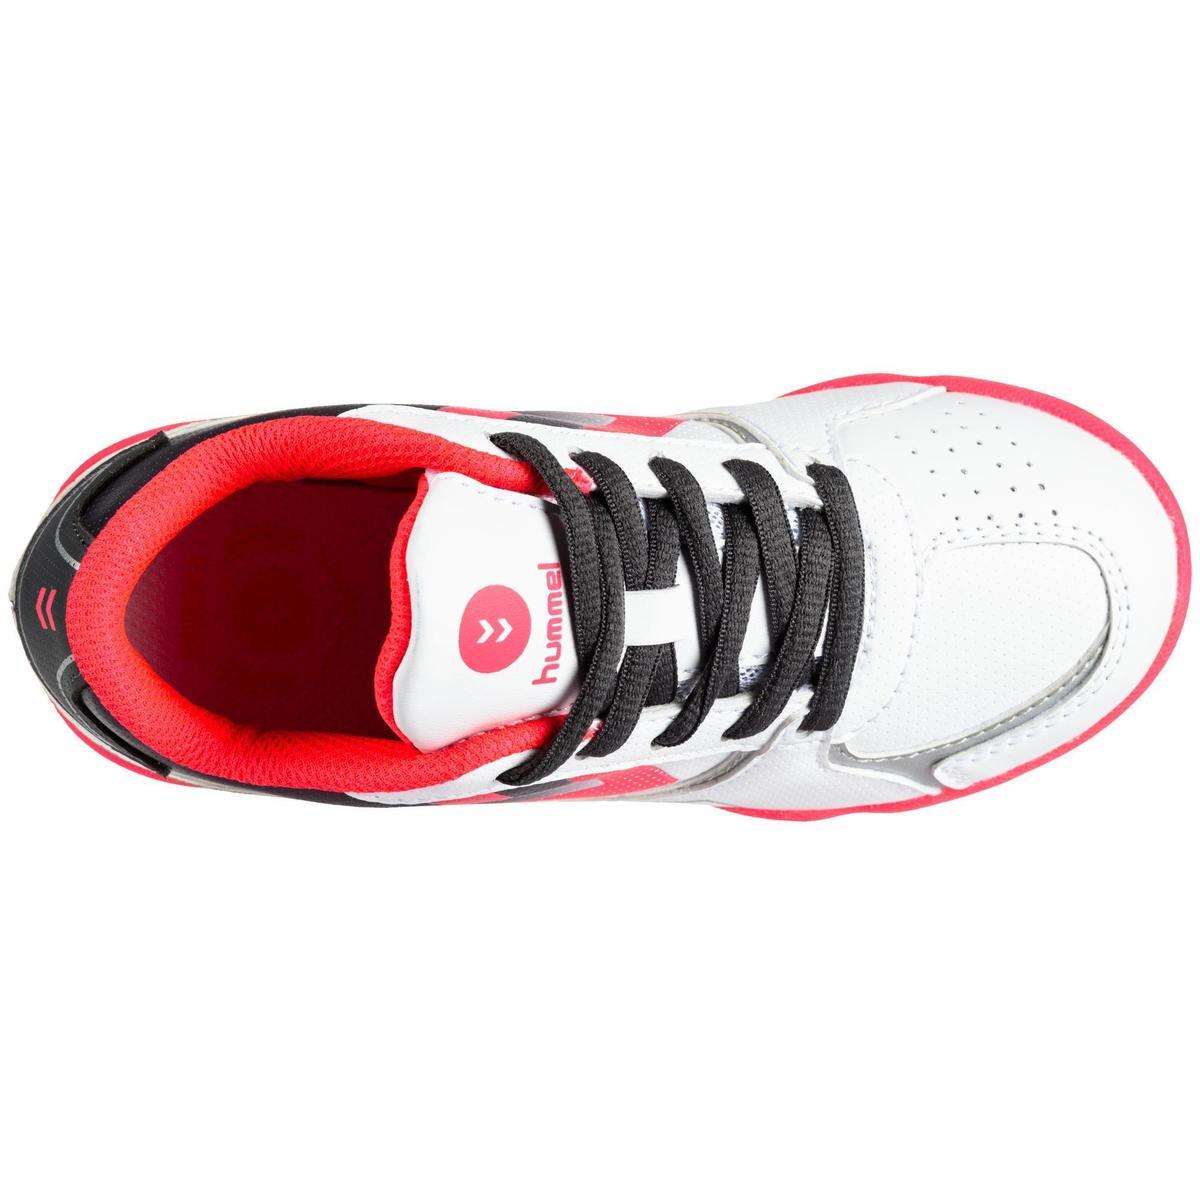 Bild 5 von Handballschuhe Aerotech Kinder grau/rosa/weiß